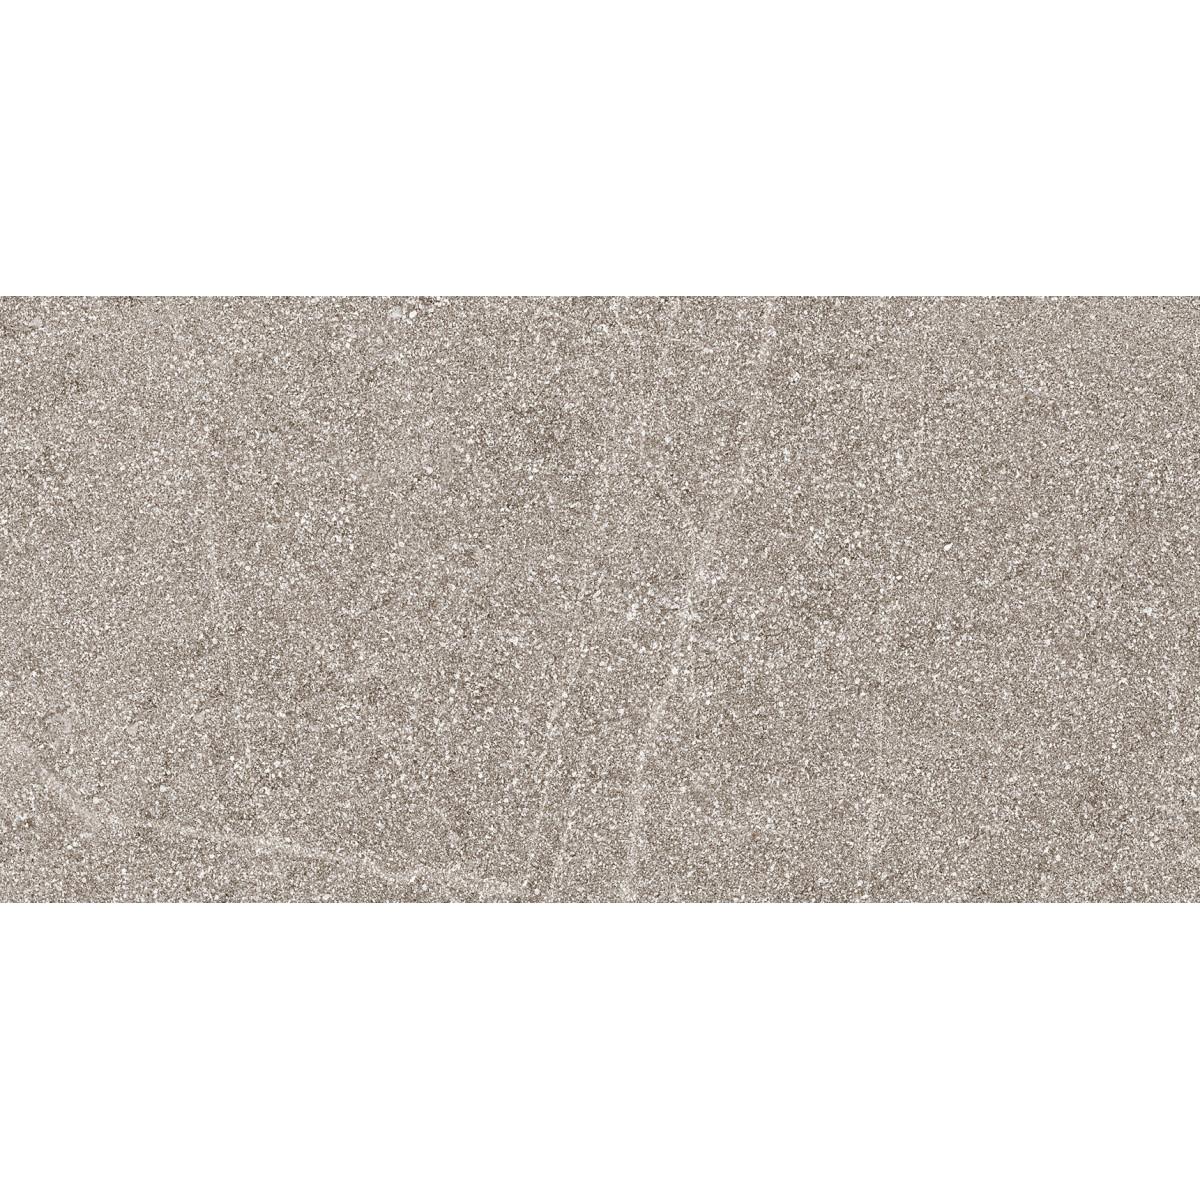 Плитка универсальная Lille 30.7x60.7 см 1.49 м² цвет серый